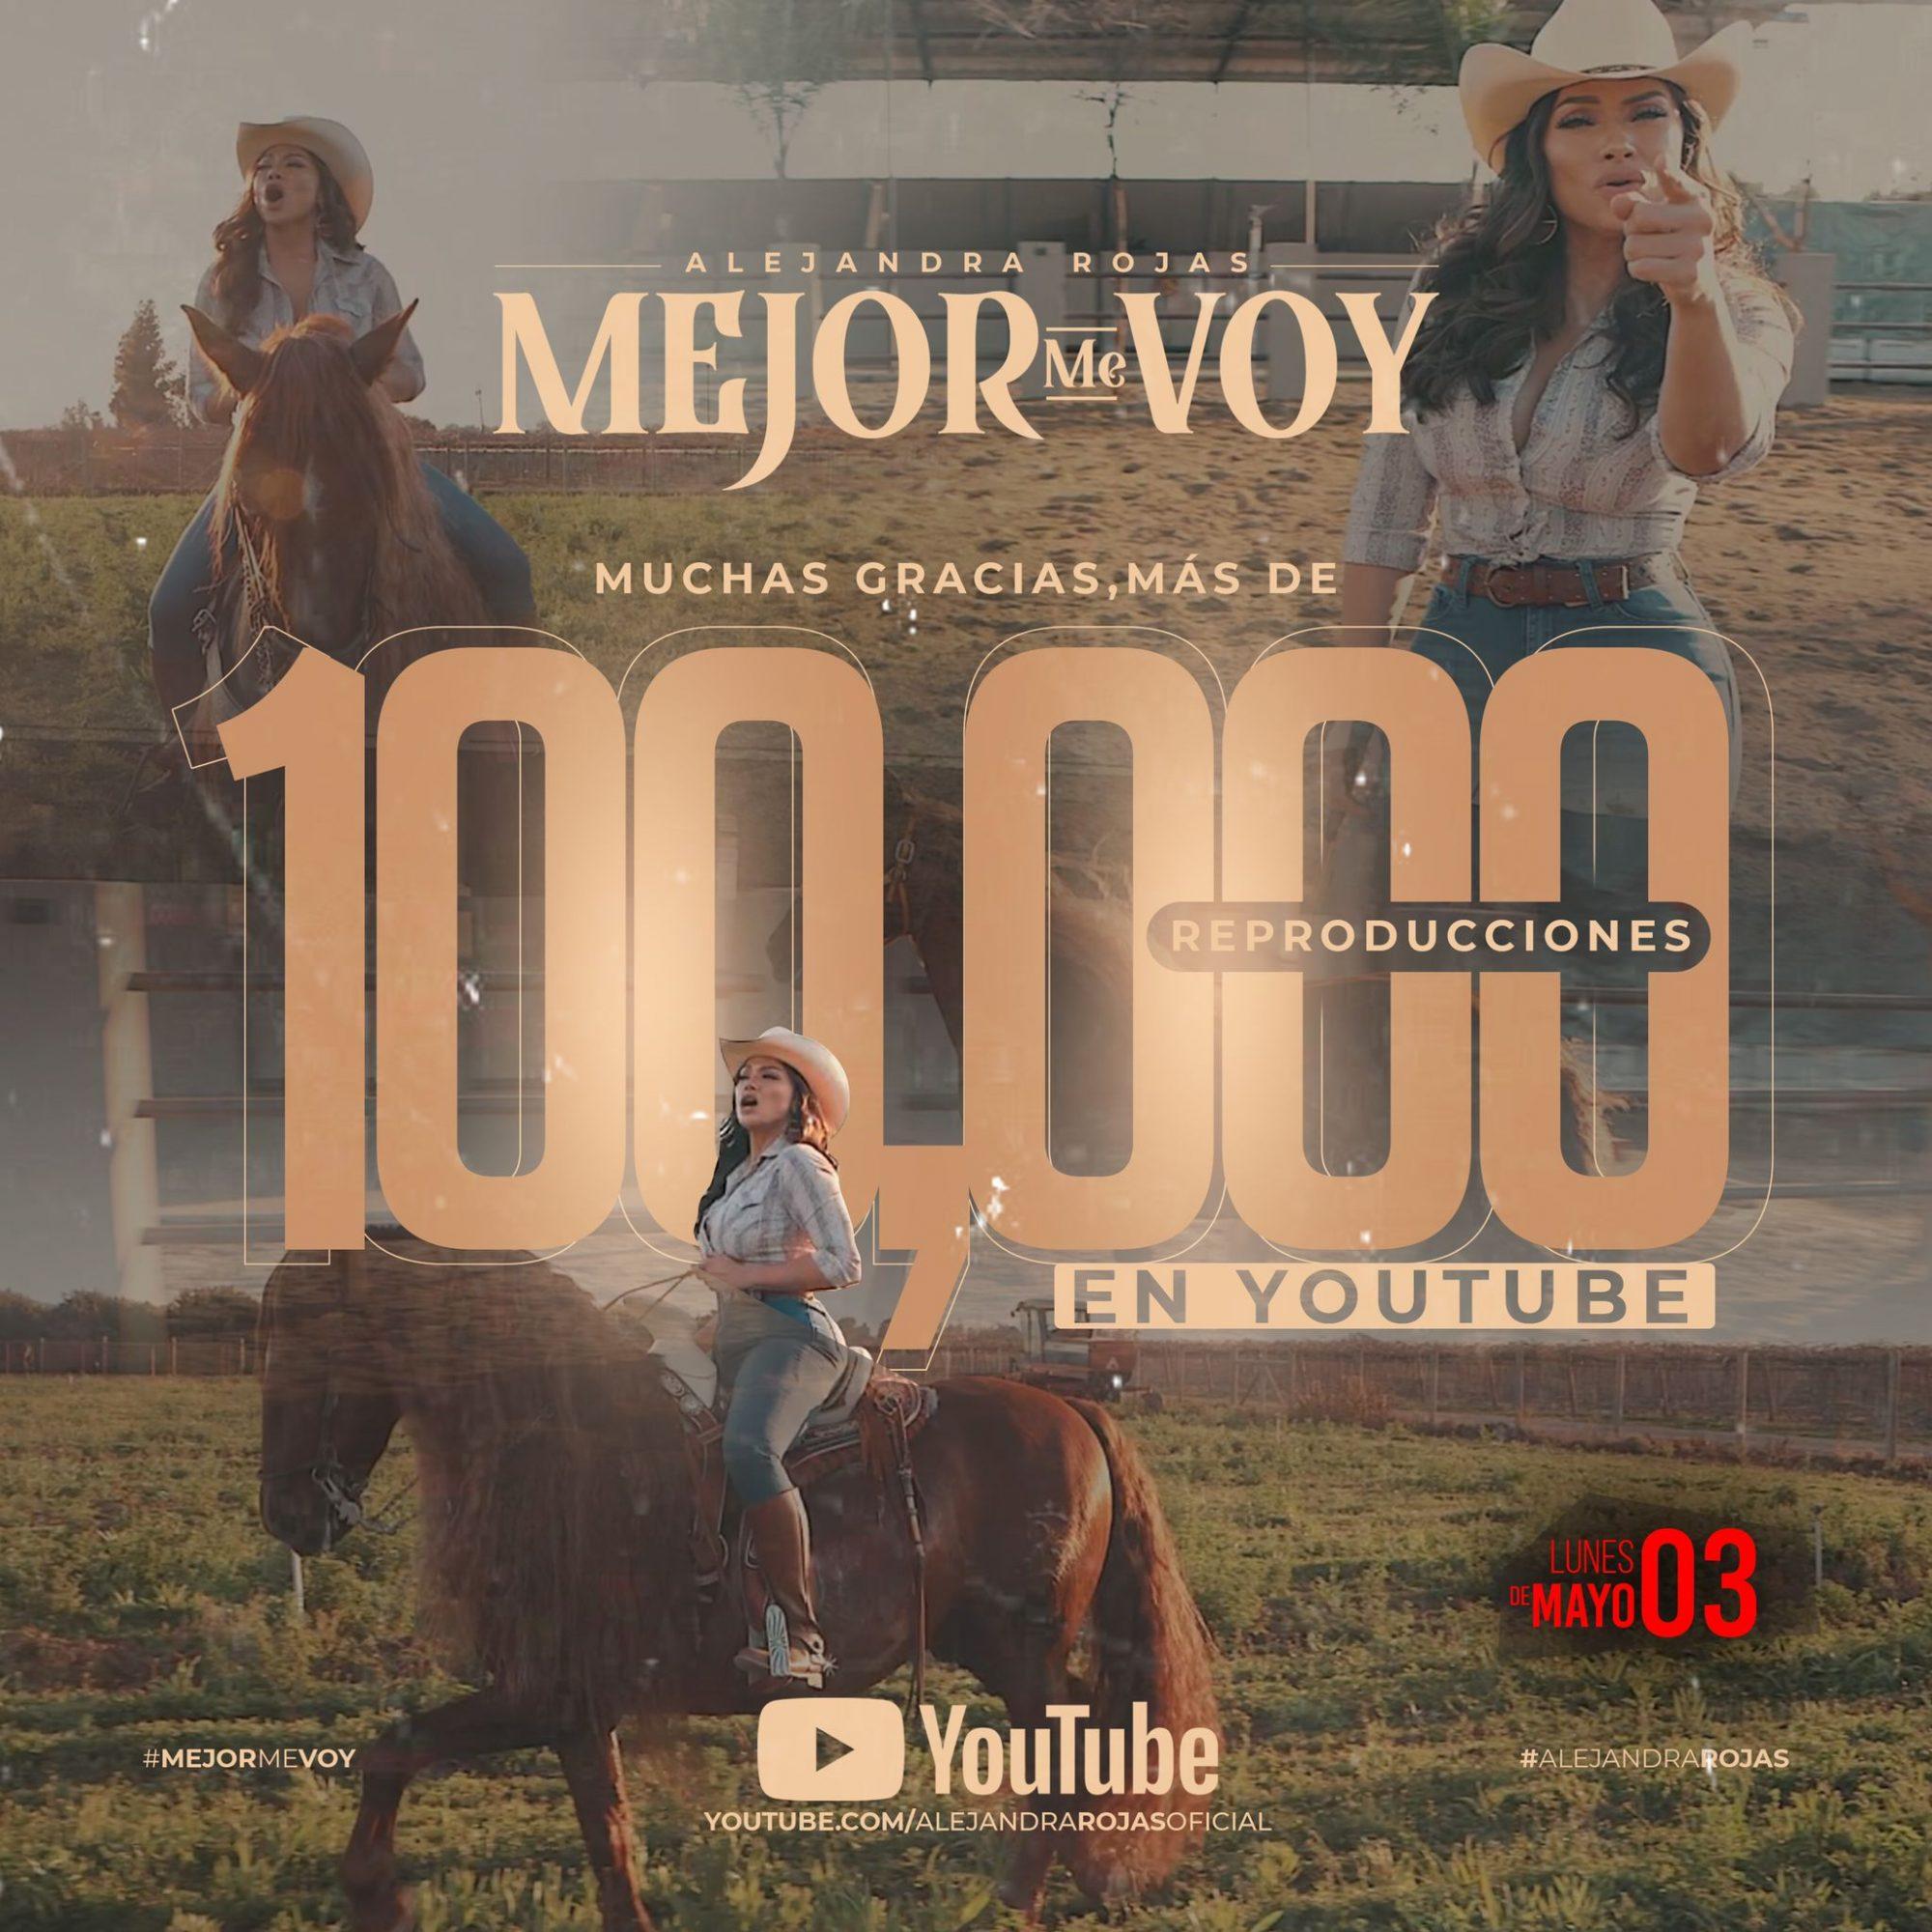 Alejandra Rojas (Mejor Me Voy) Video Oficial 2021